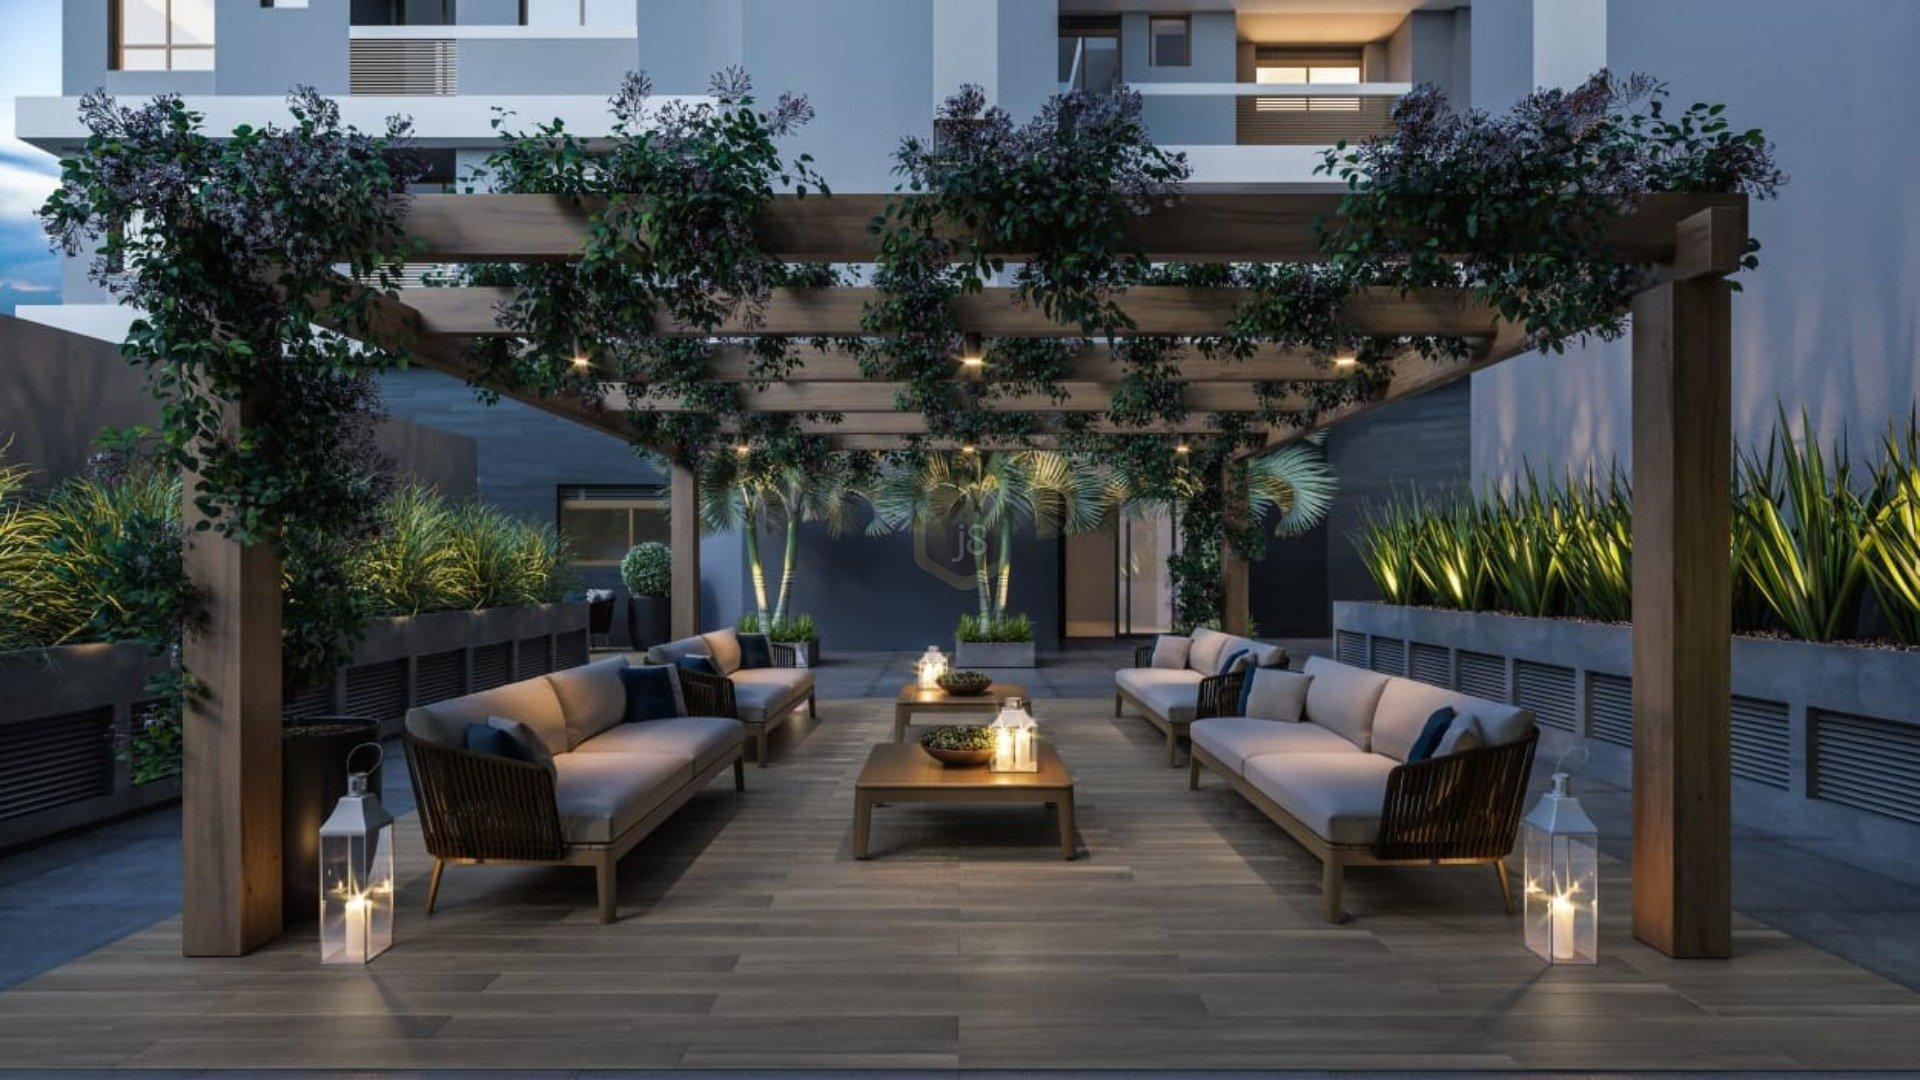 Foto de destaque Mirage | duplex na silva jardim